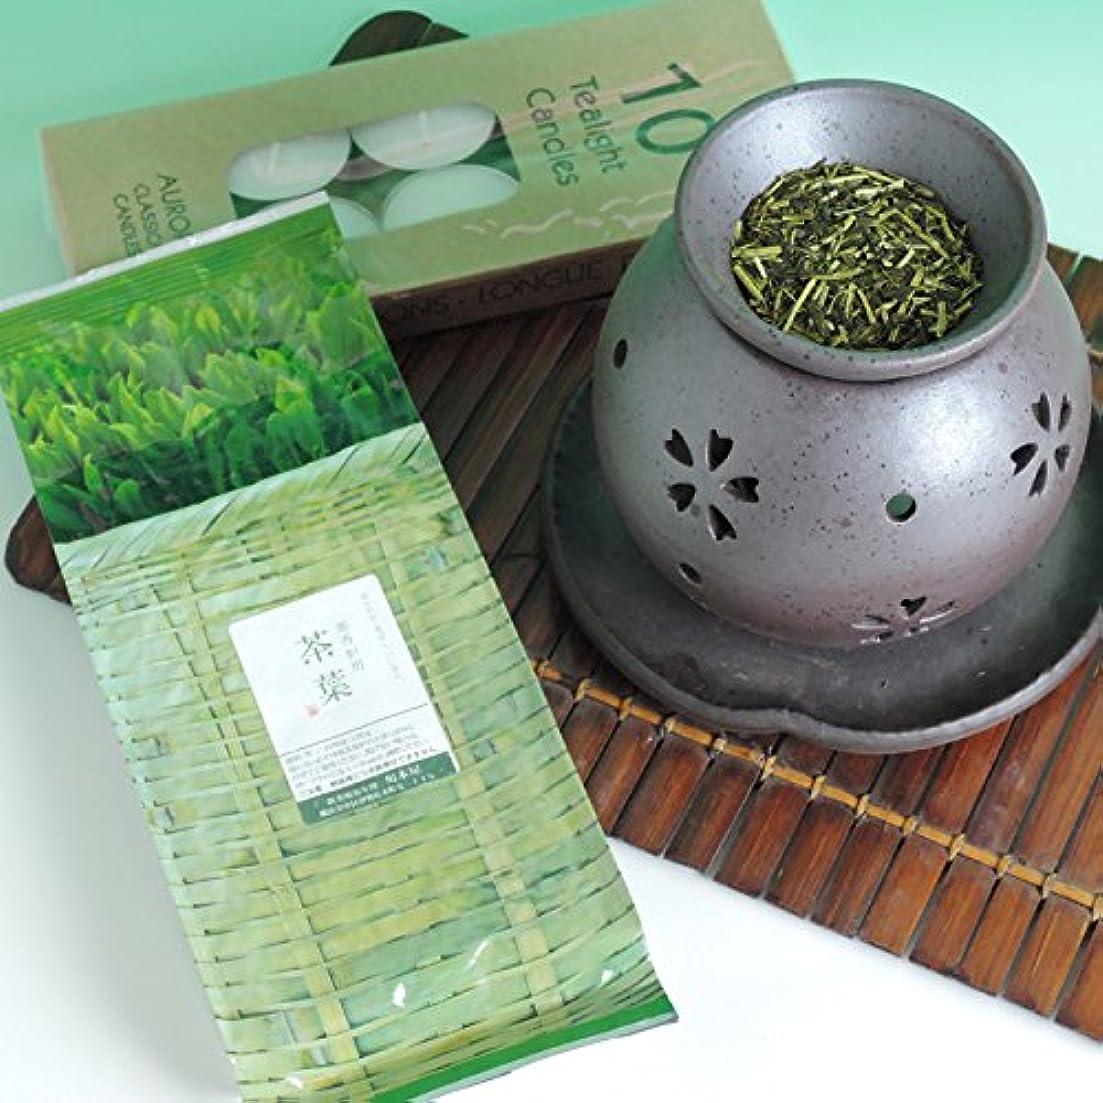 猟犬同種の会話茶香炉 盛正作 ローソク 茶香炉専用 茶葉 セット 川本屋茶舗